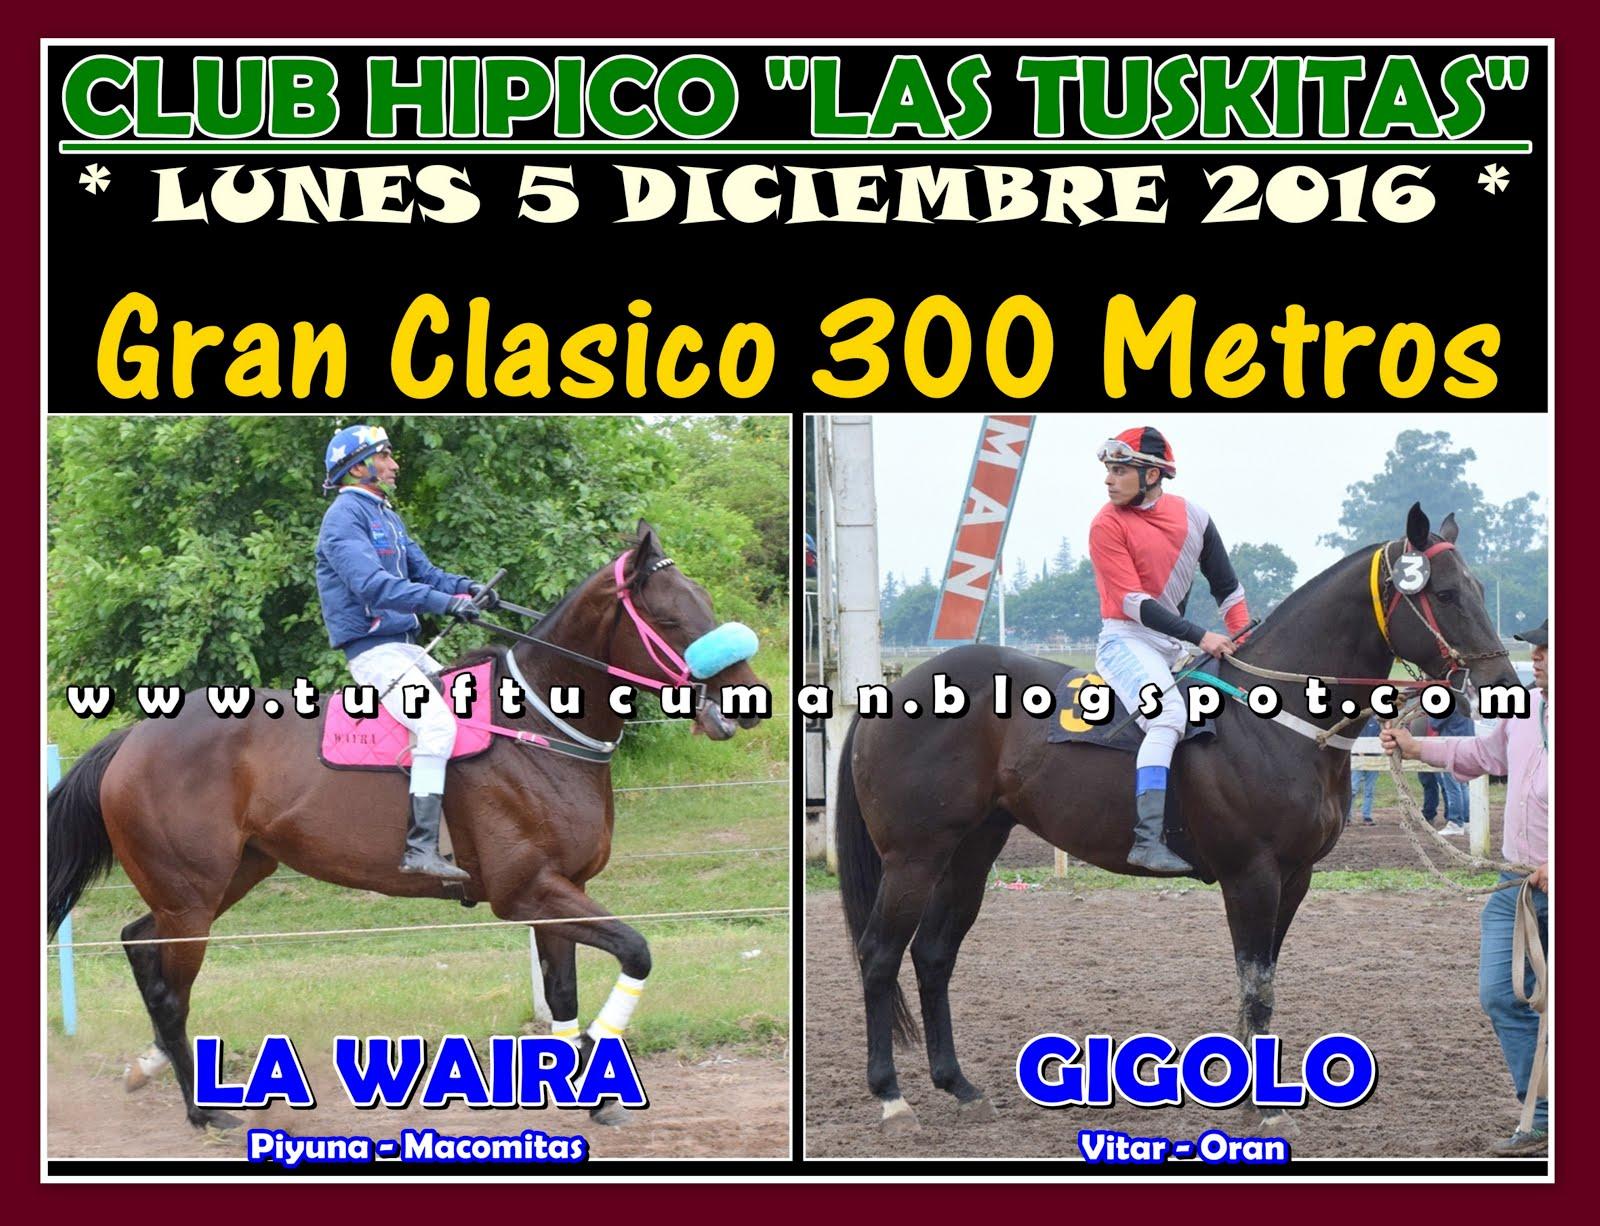 WAIRA VS GIGOLO